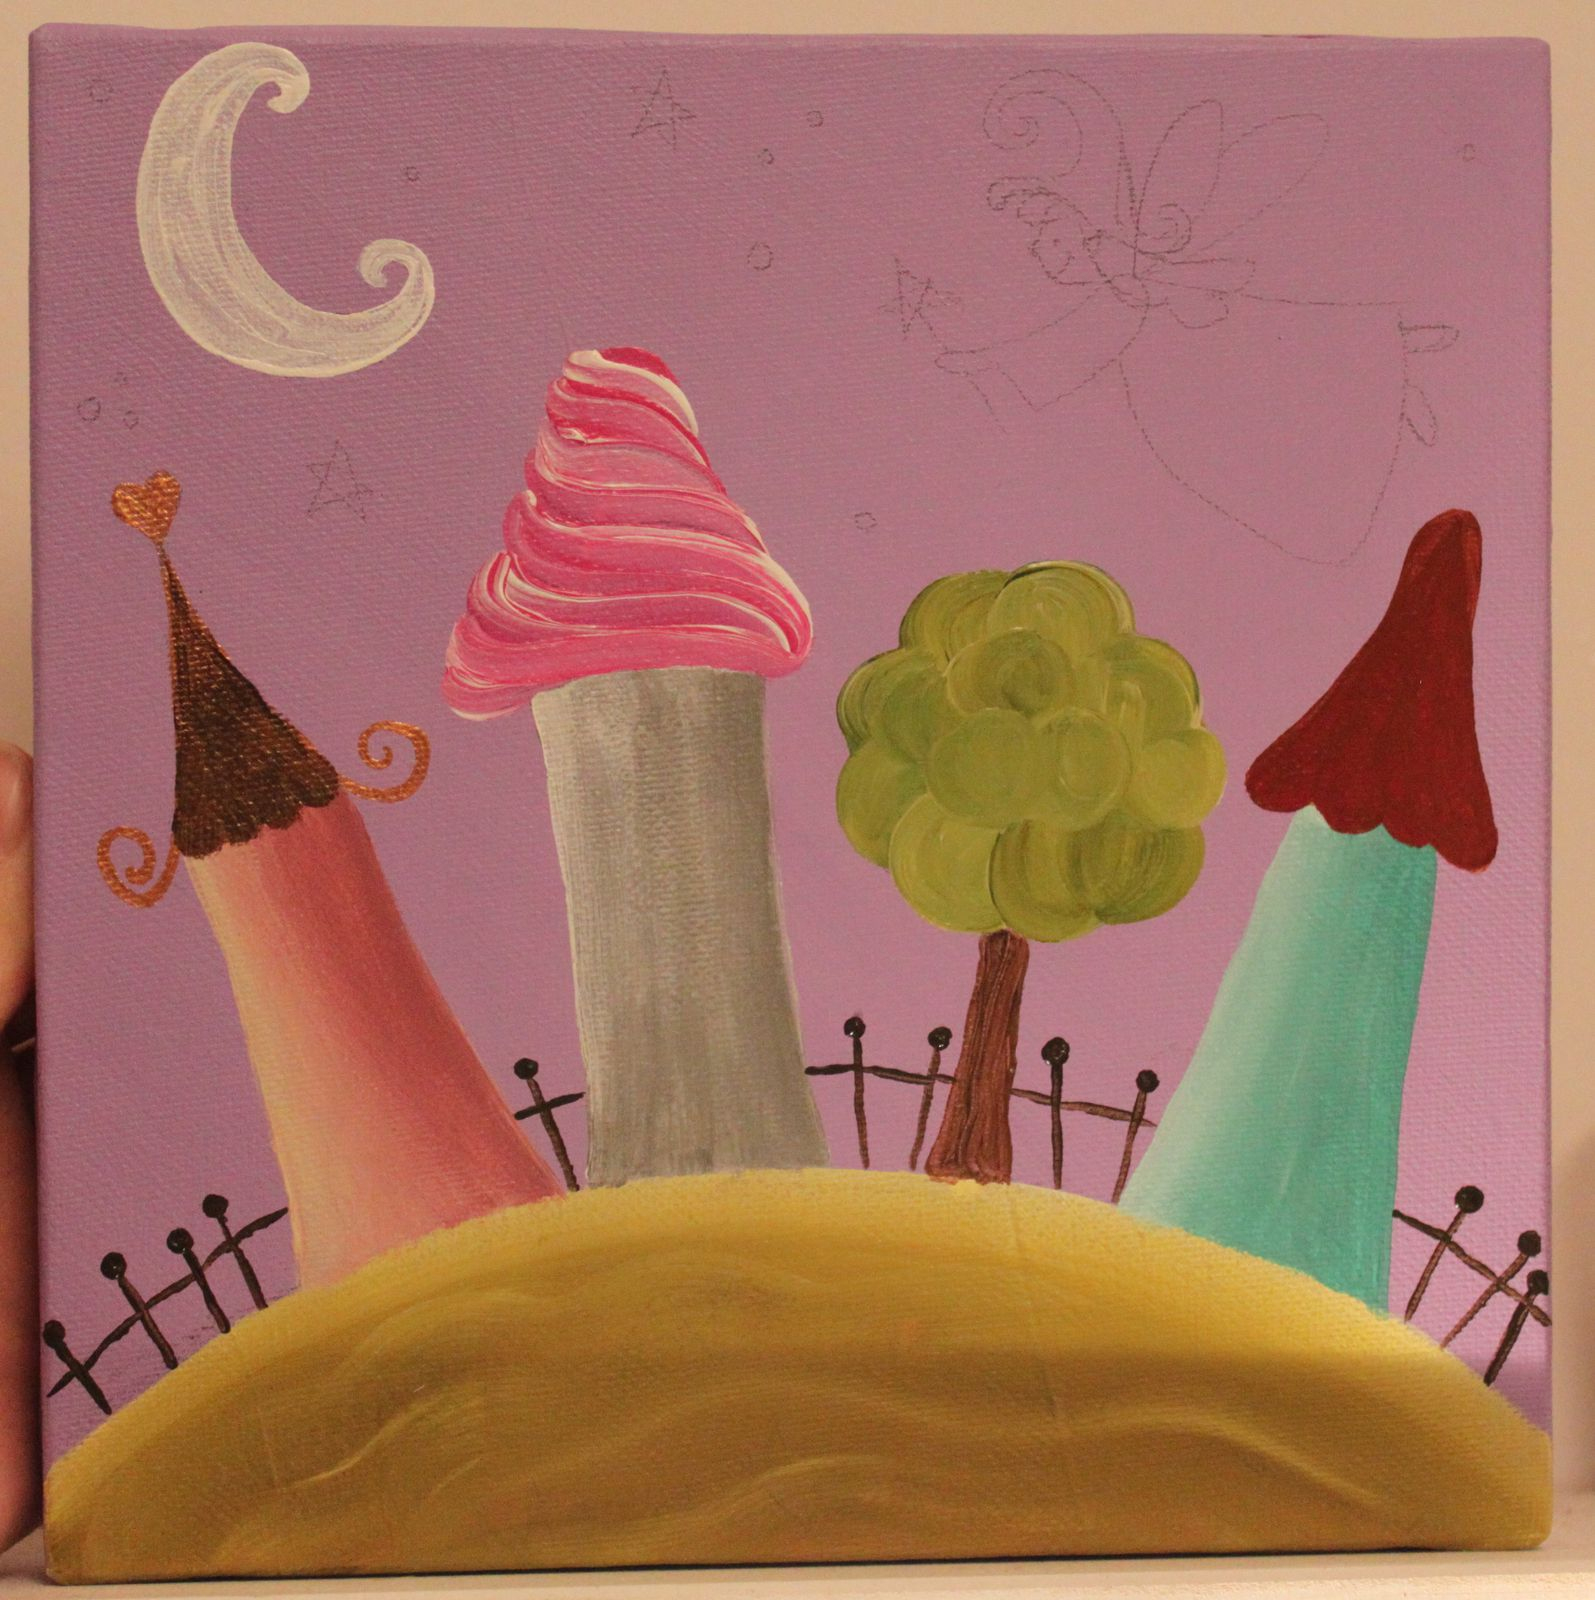 Tableau Peint Pour Chambre D'enfant - Une Petite Créaline intérieur Tableau De Peinture Pour Enfant